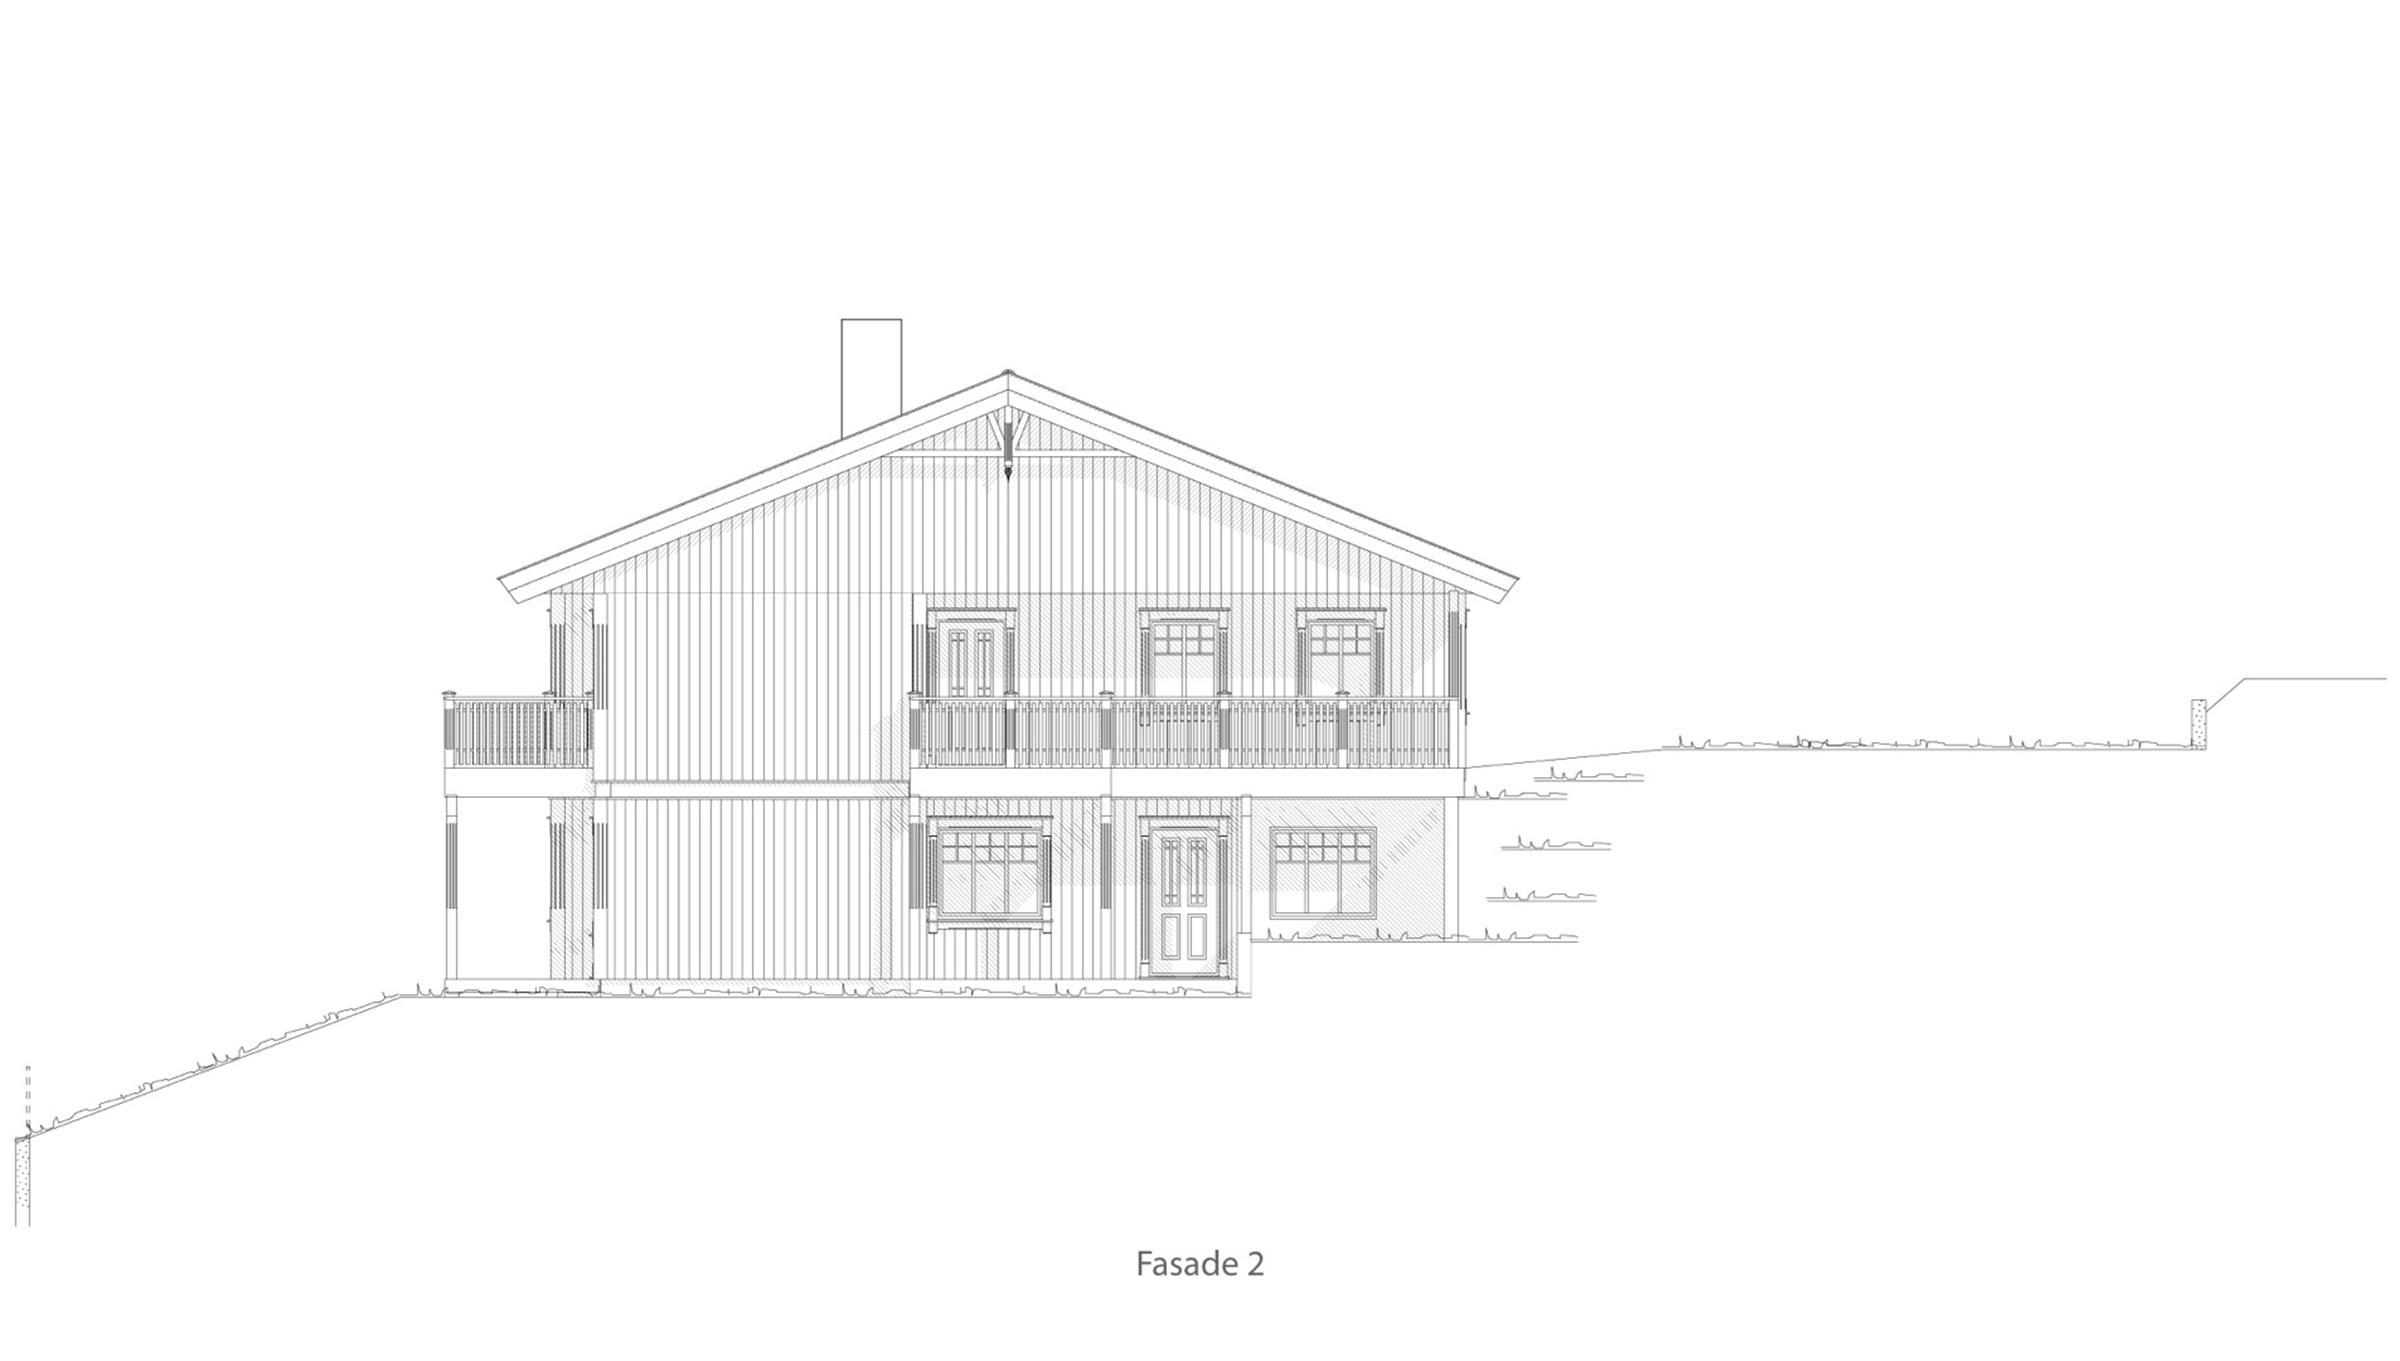 Leknes fasade 2